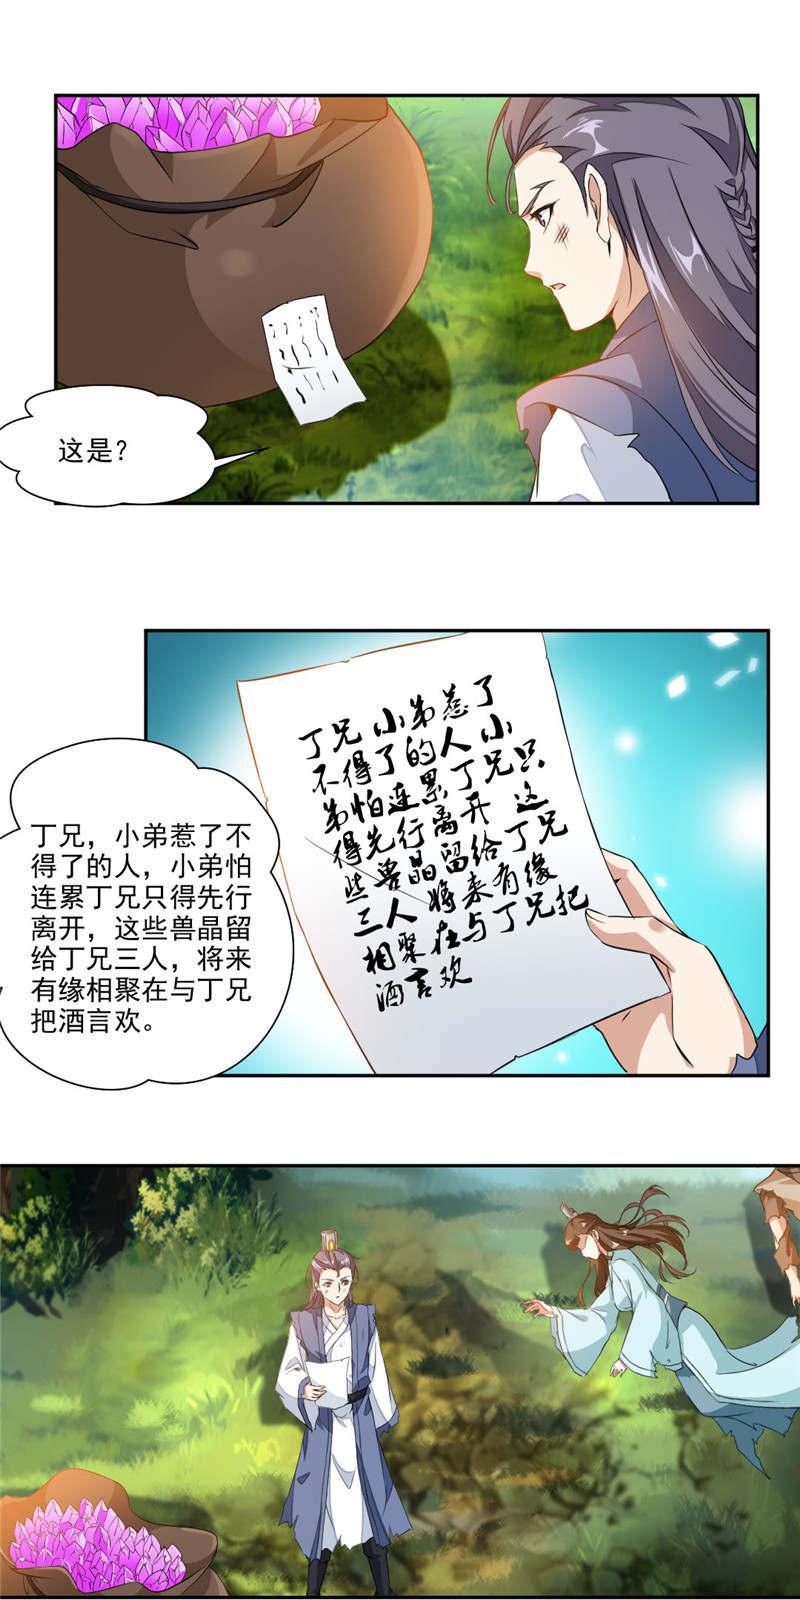 九阳神王第19话  偏巧遇到她?! 第 6